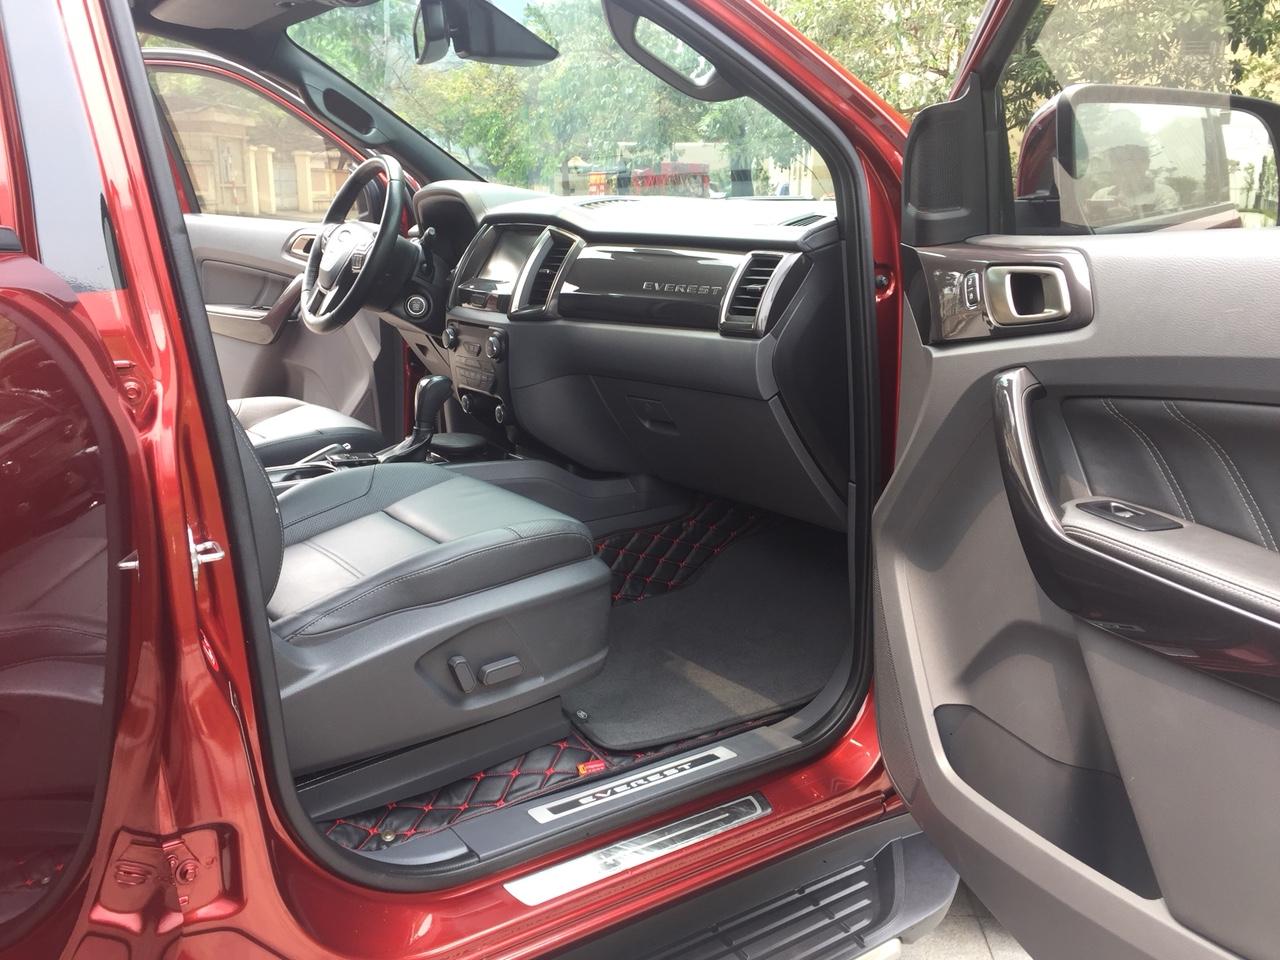 Bán Ford Everest 3.2 4x4 AT năm sản xuất 2016, màu đỏ, xe nhập khẩu Thái Lan, 1 chủ từ đầu